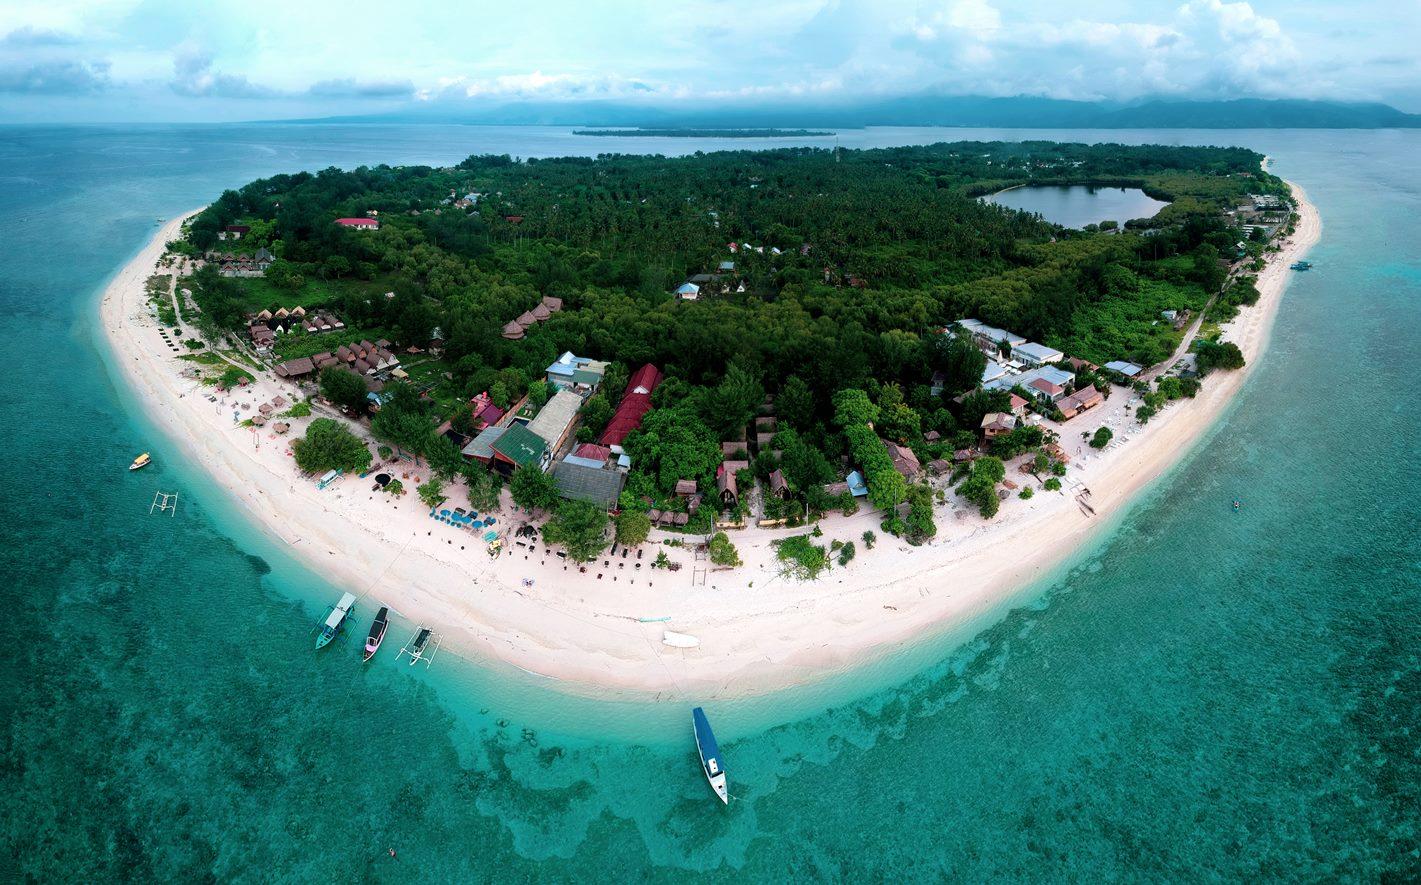 Остров Гили Мено, Индонезия